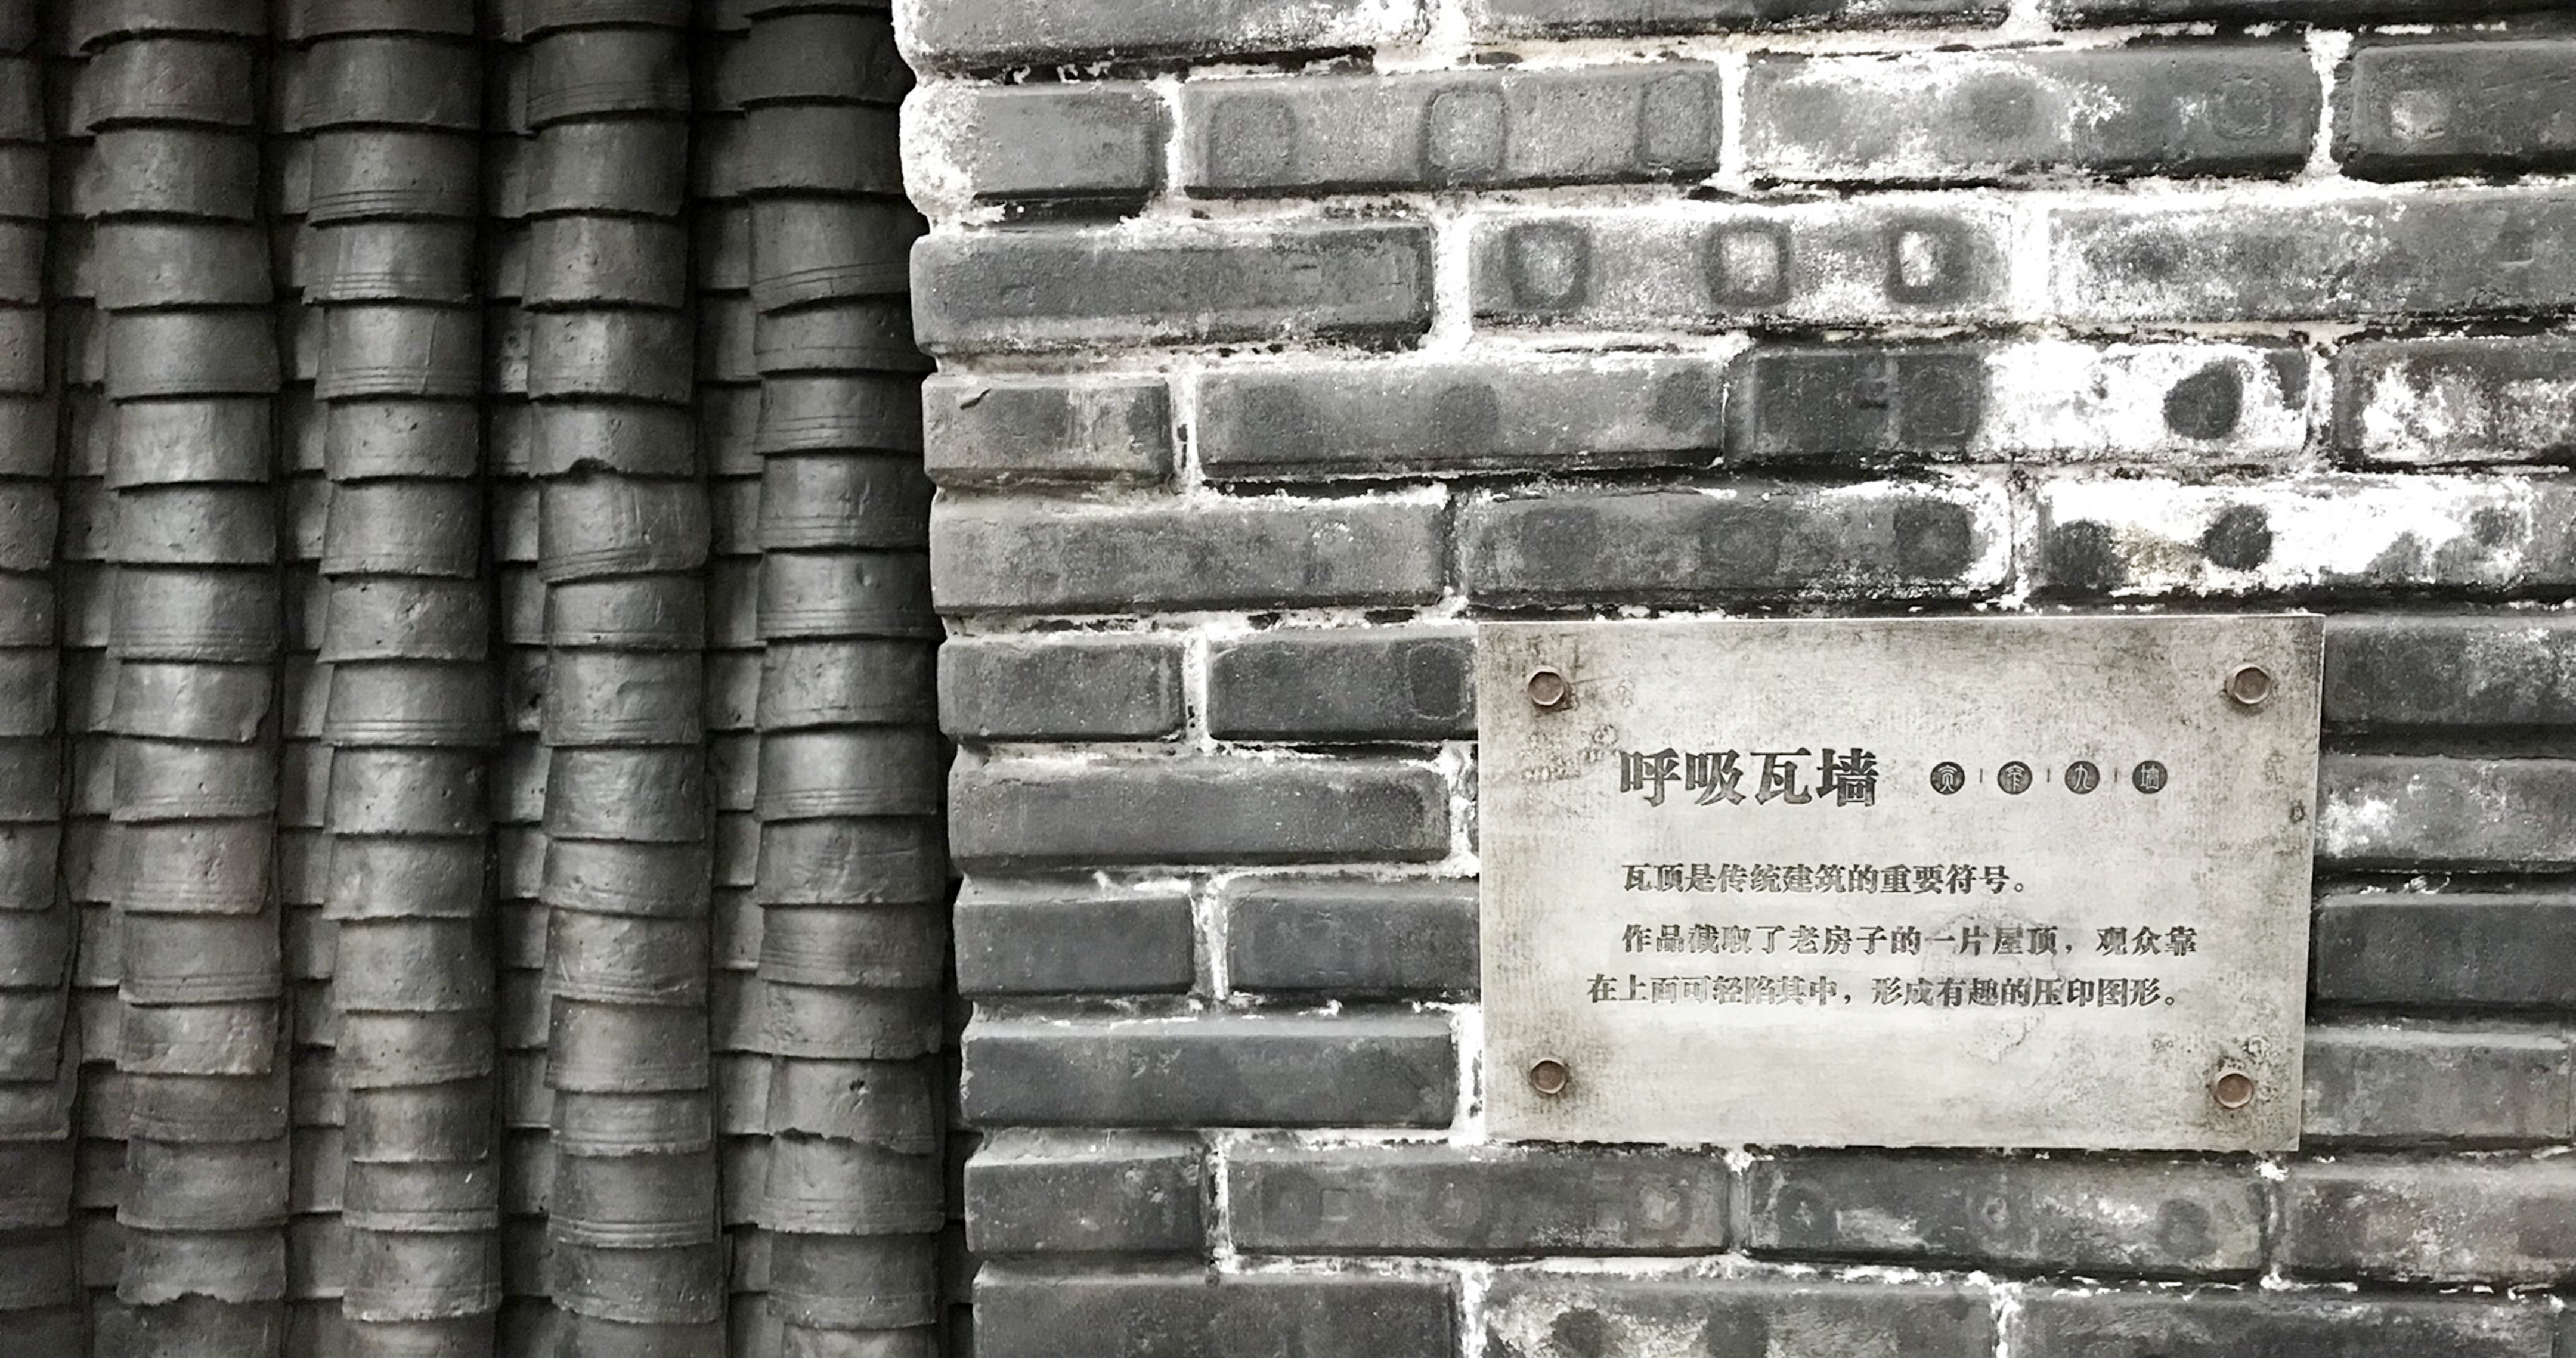 如果到四川旅行,一定要去这5个景区,不到等于白来